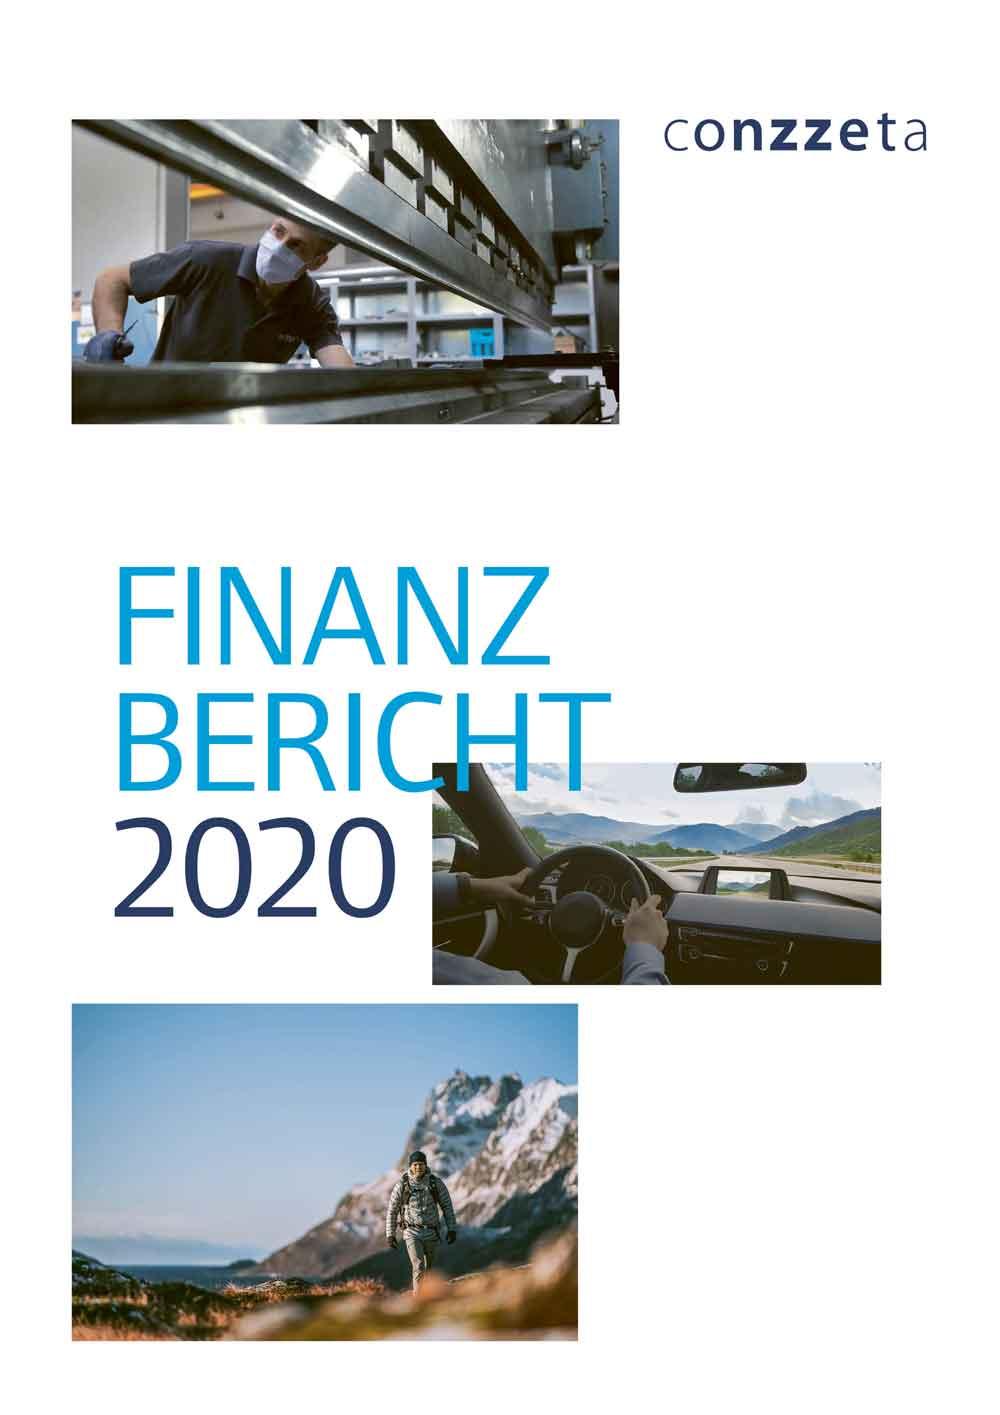 Finanzbericht 2020